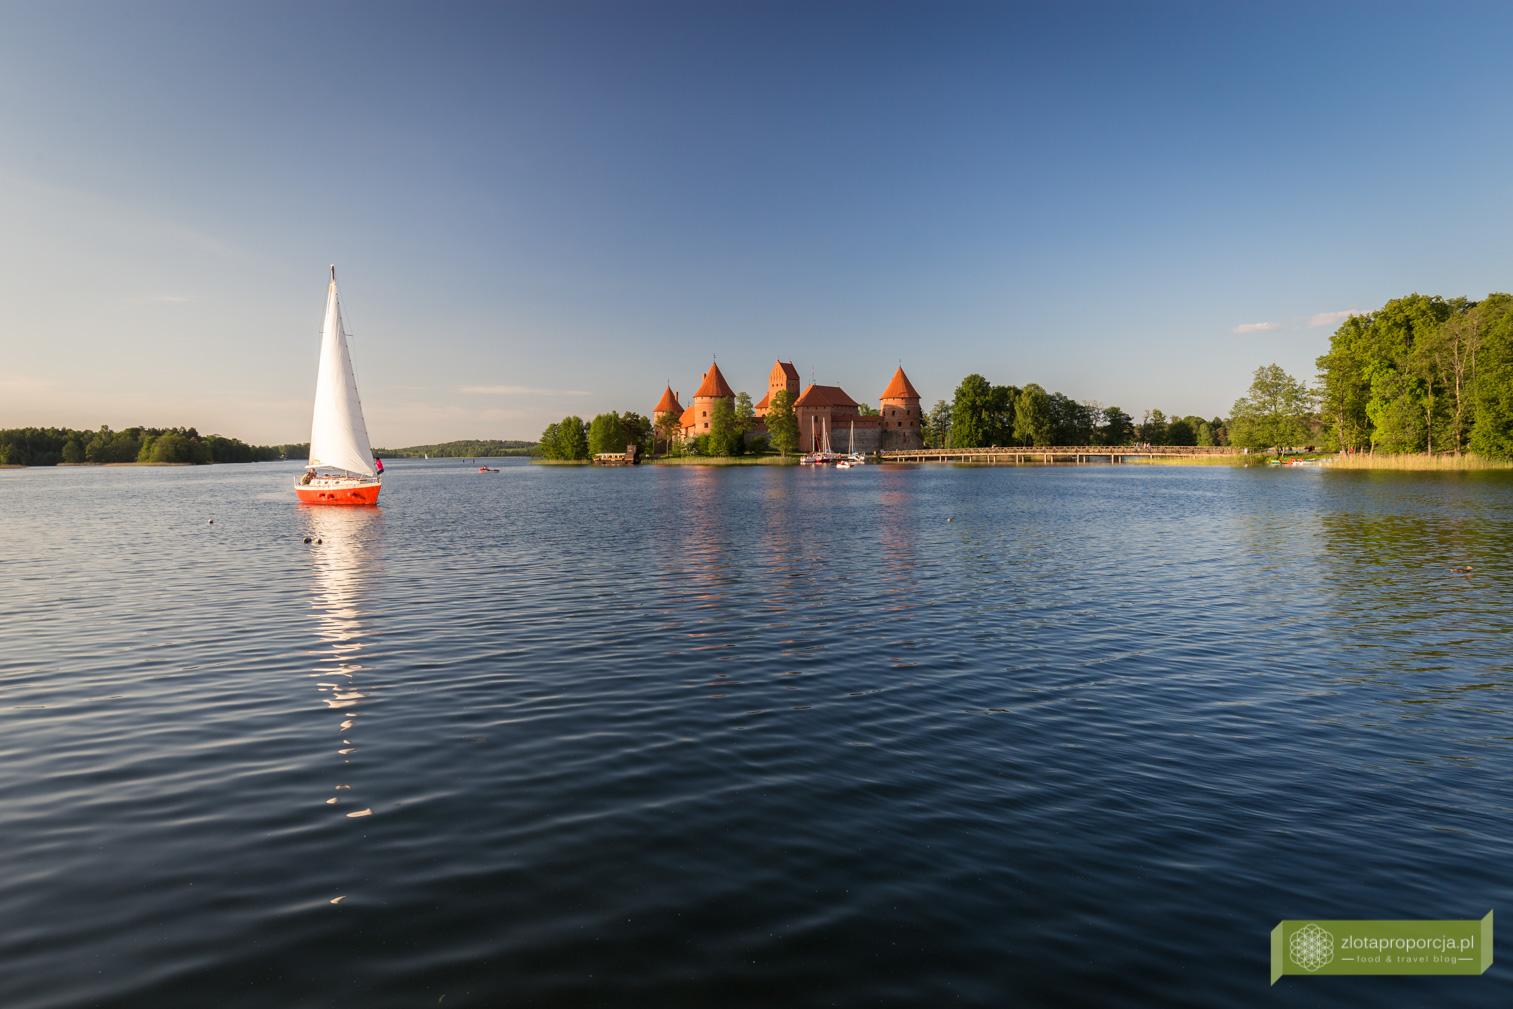 Jezioro Galve, Pojezierze Trockie, Litewska Szwajcaria, Troki, okolice Wilna, Litwa, atrakcje Litwy, Zamek w Trokach